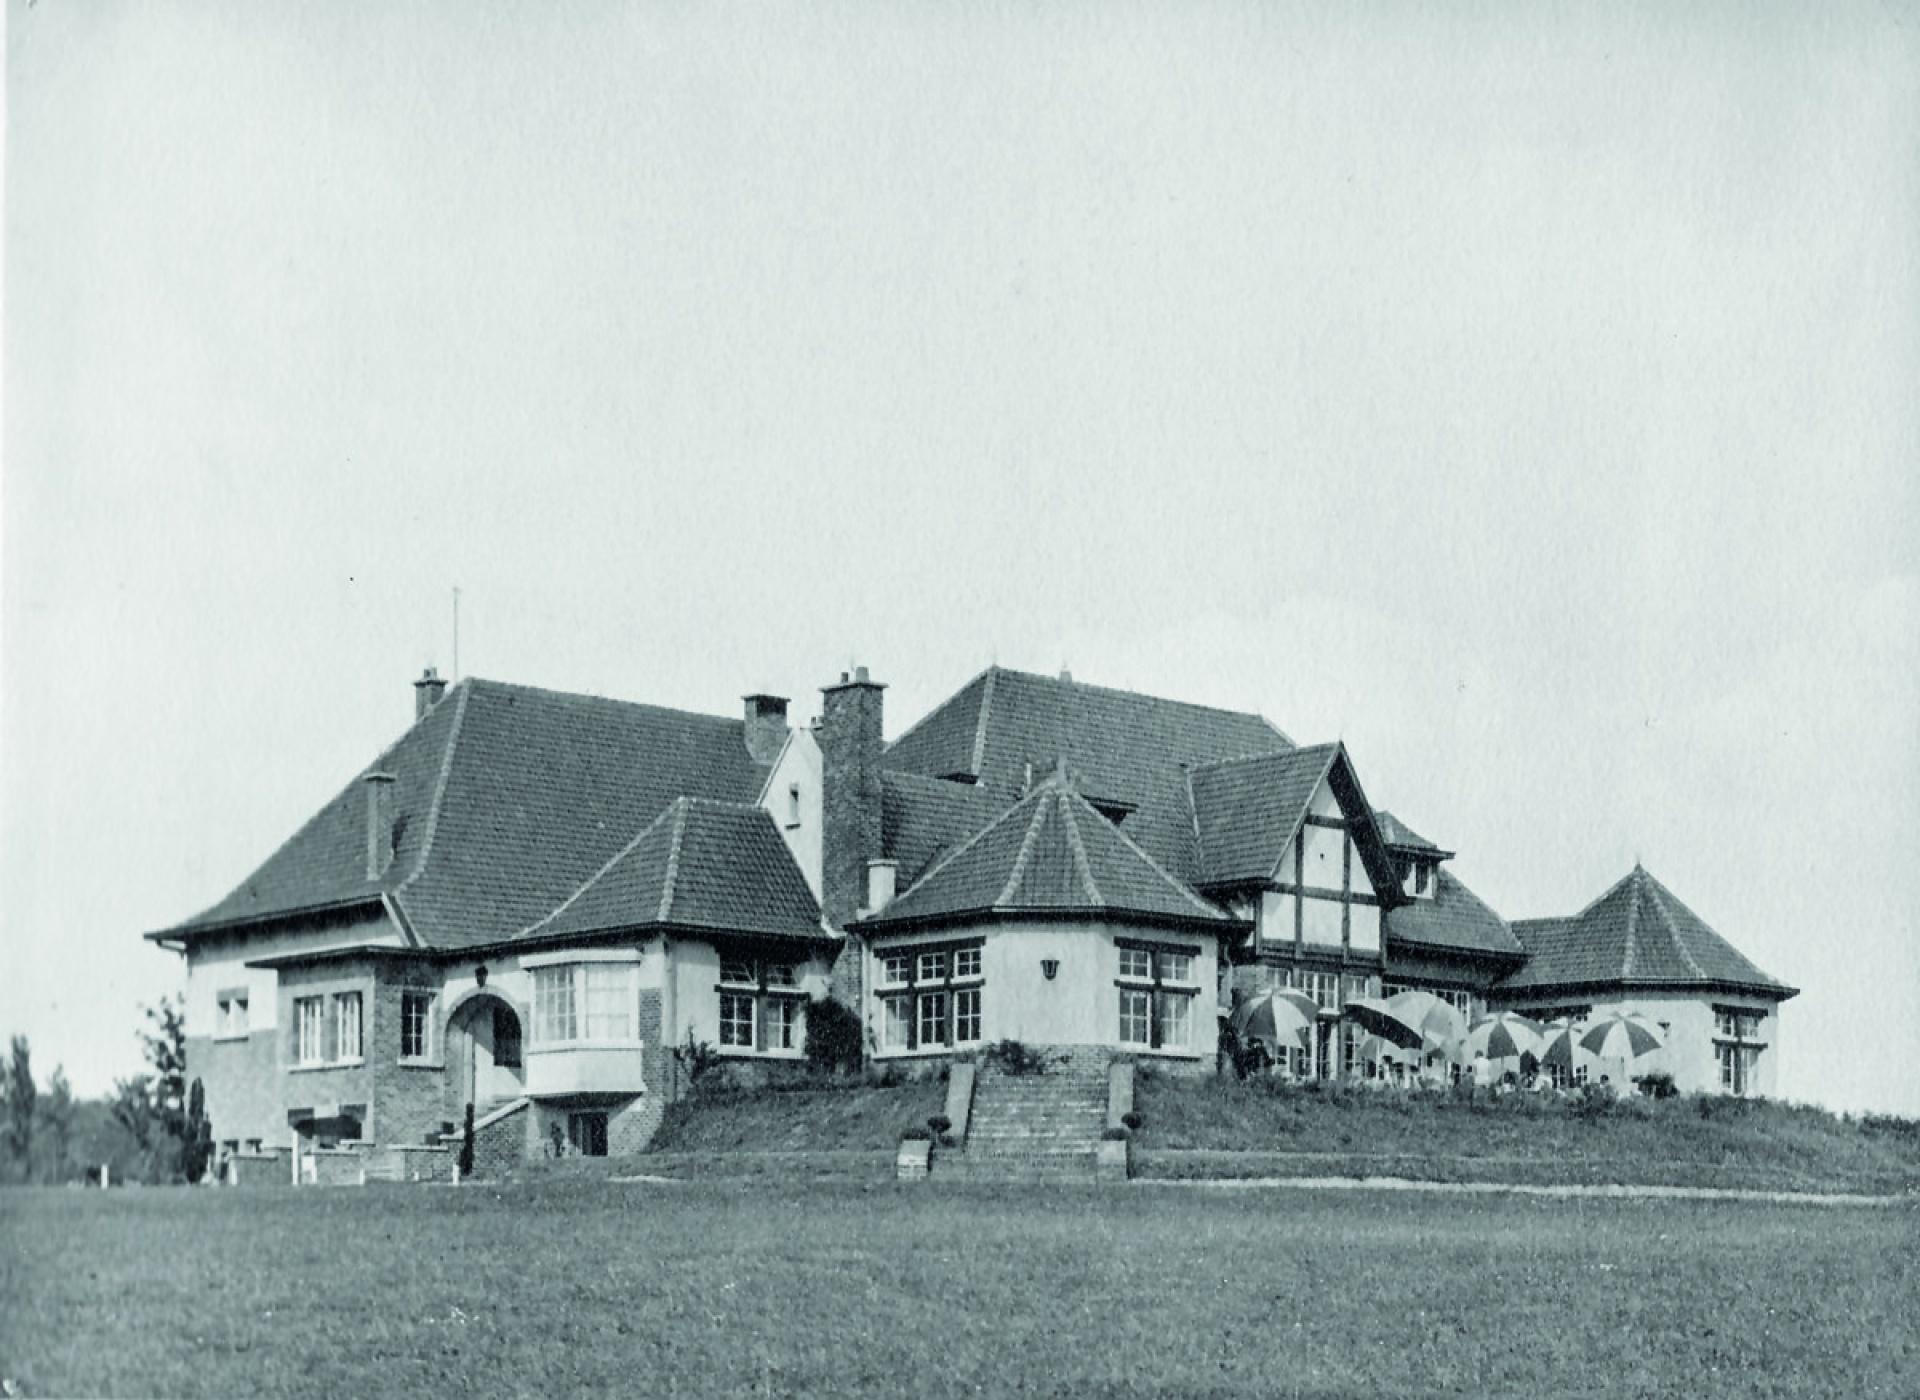 Le club house - 1928